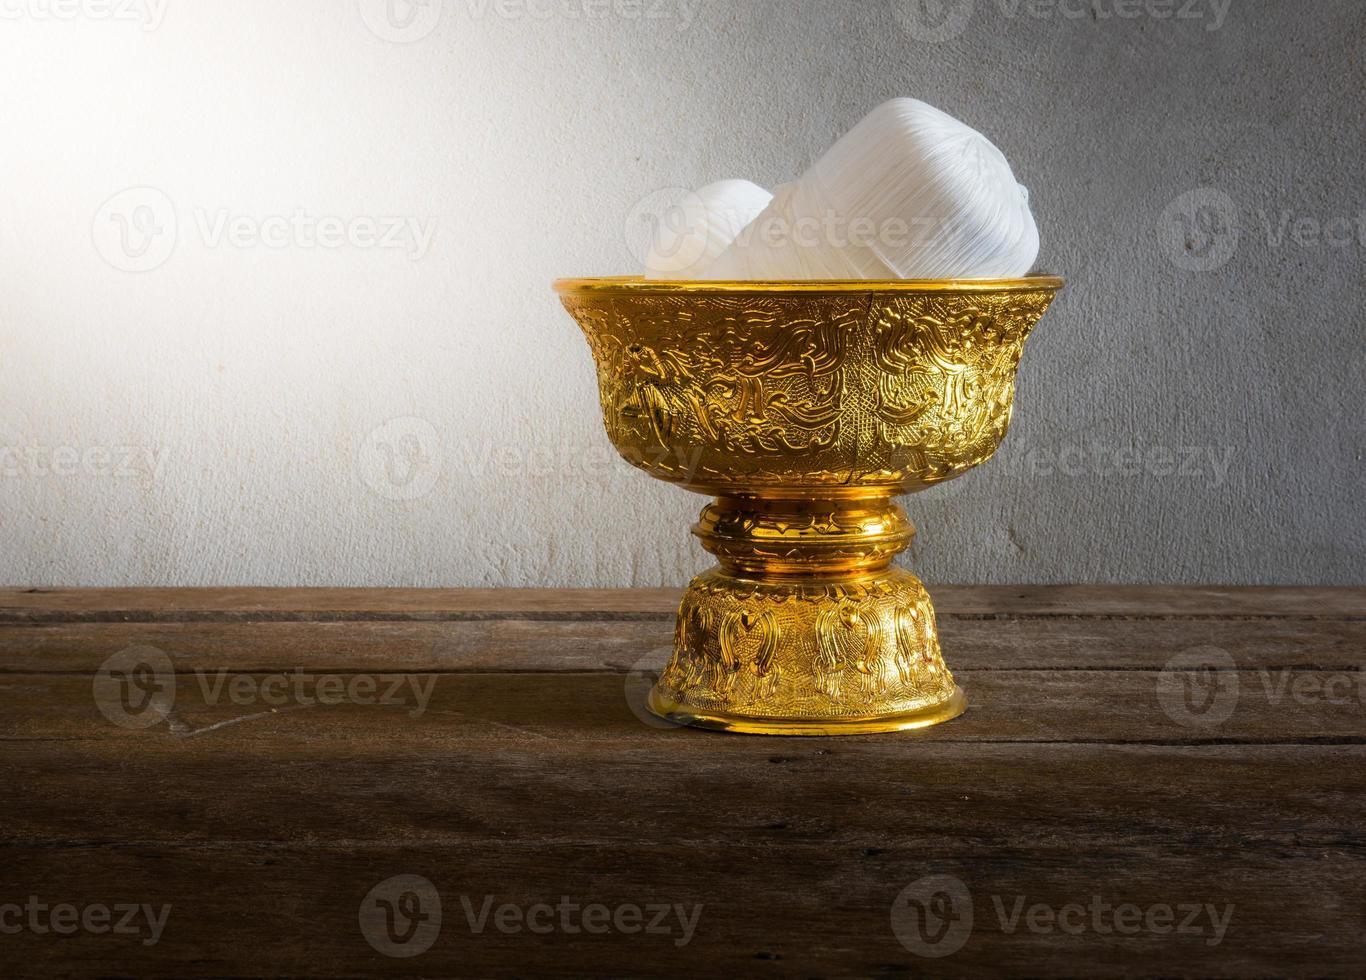 heilige draad in het gouden dienblad van thailand met voetstuk foto